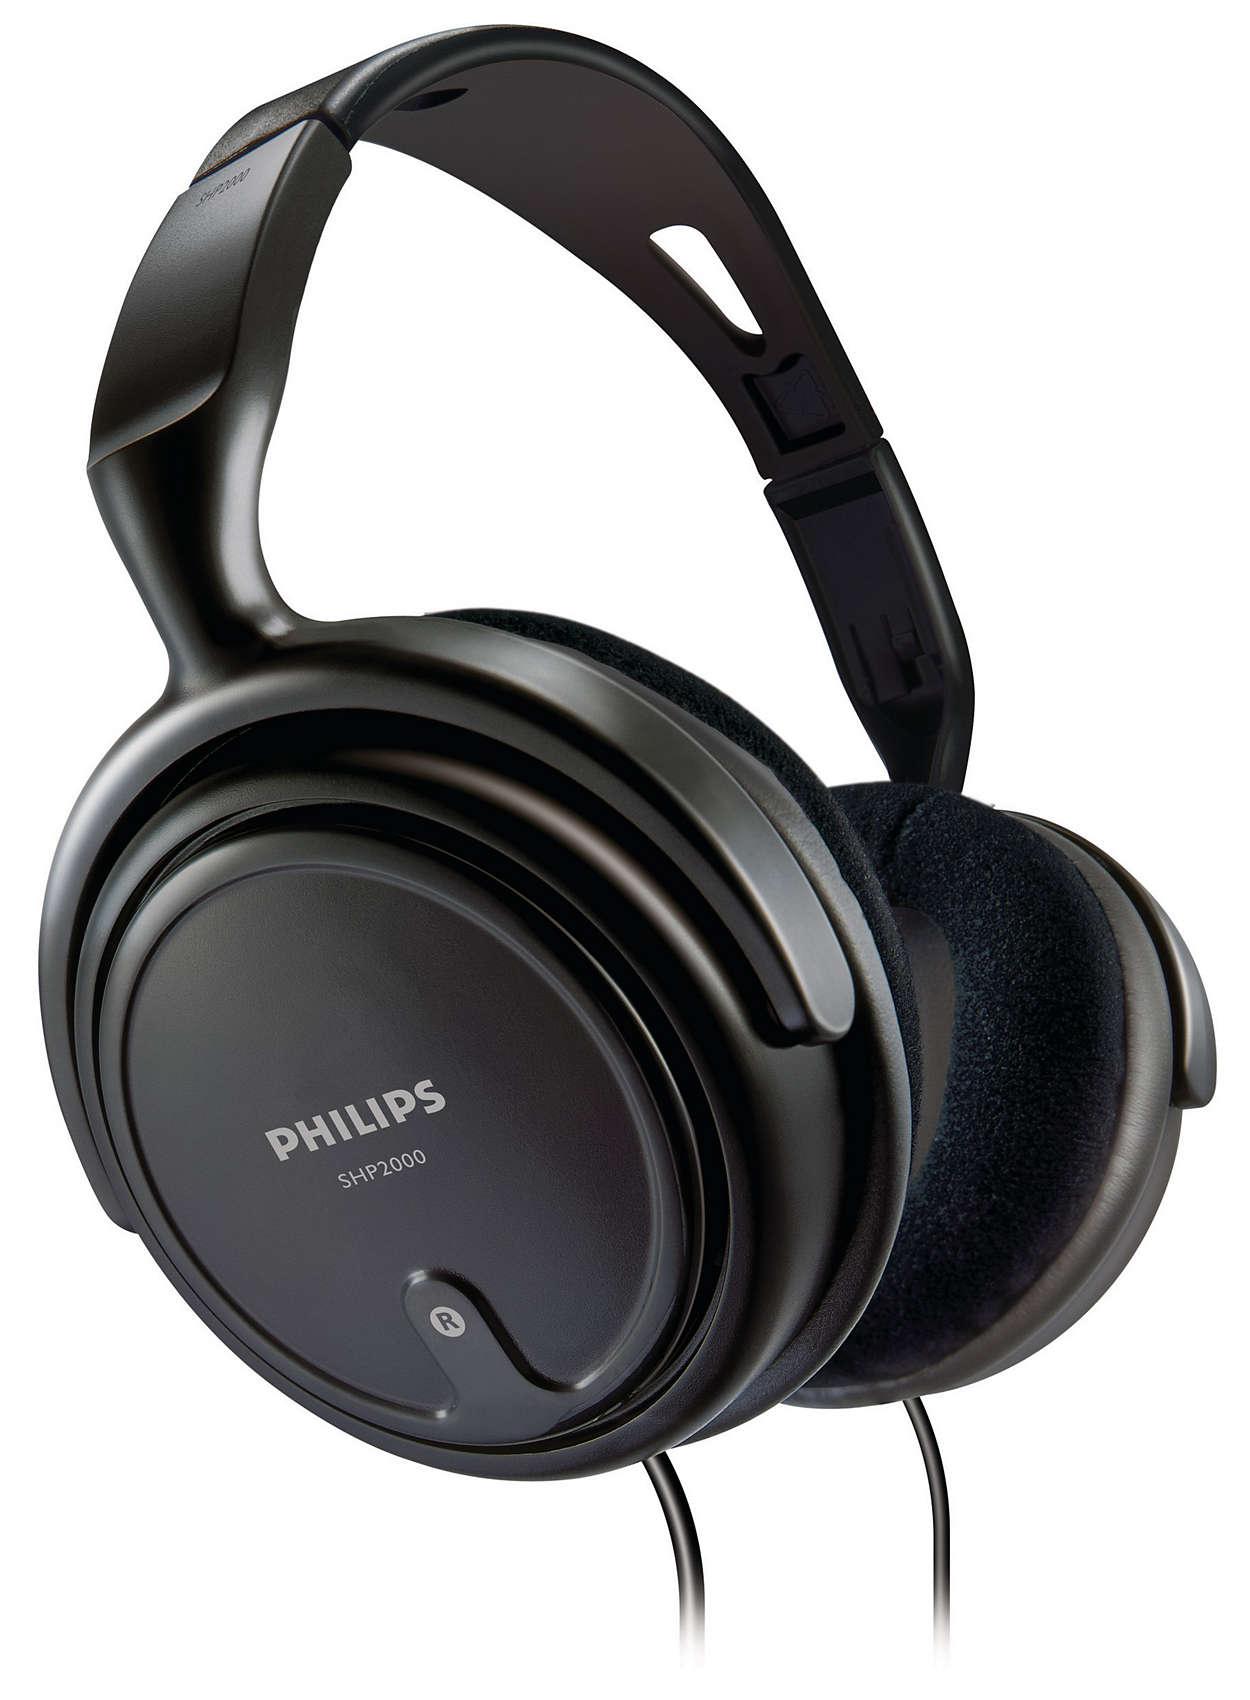 Fone de Ouvido Philips SHP2000/10 Preto Super Conforto